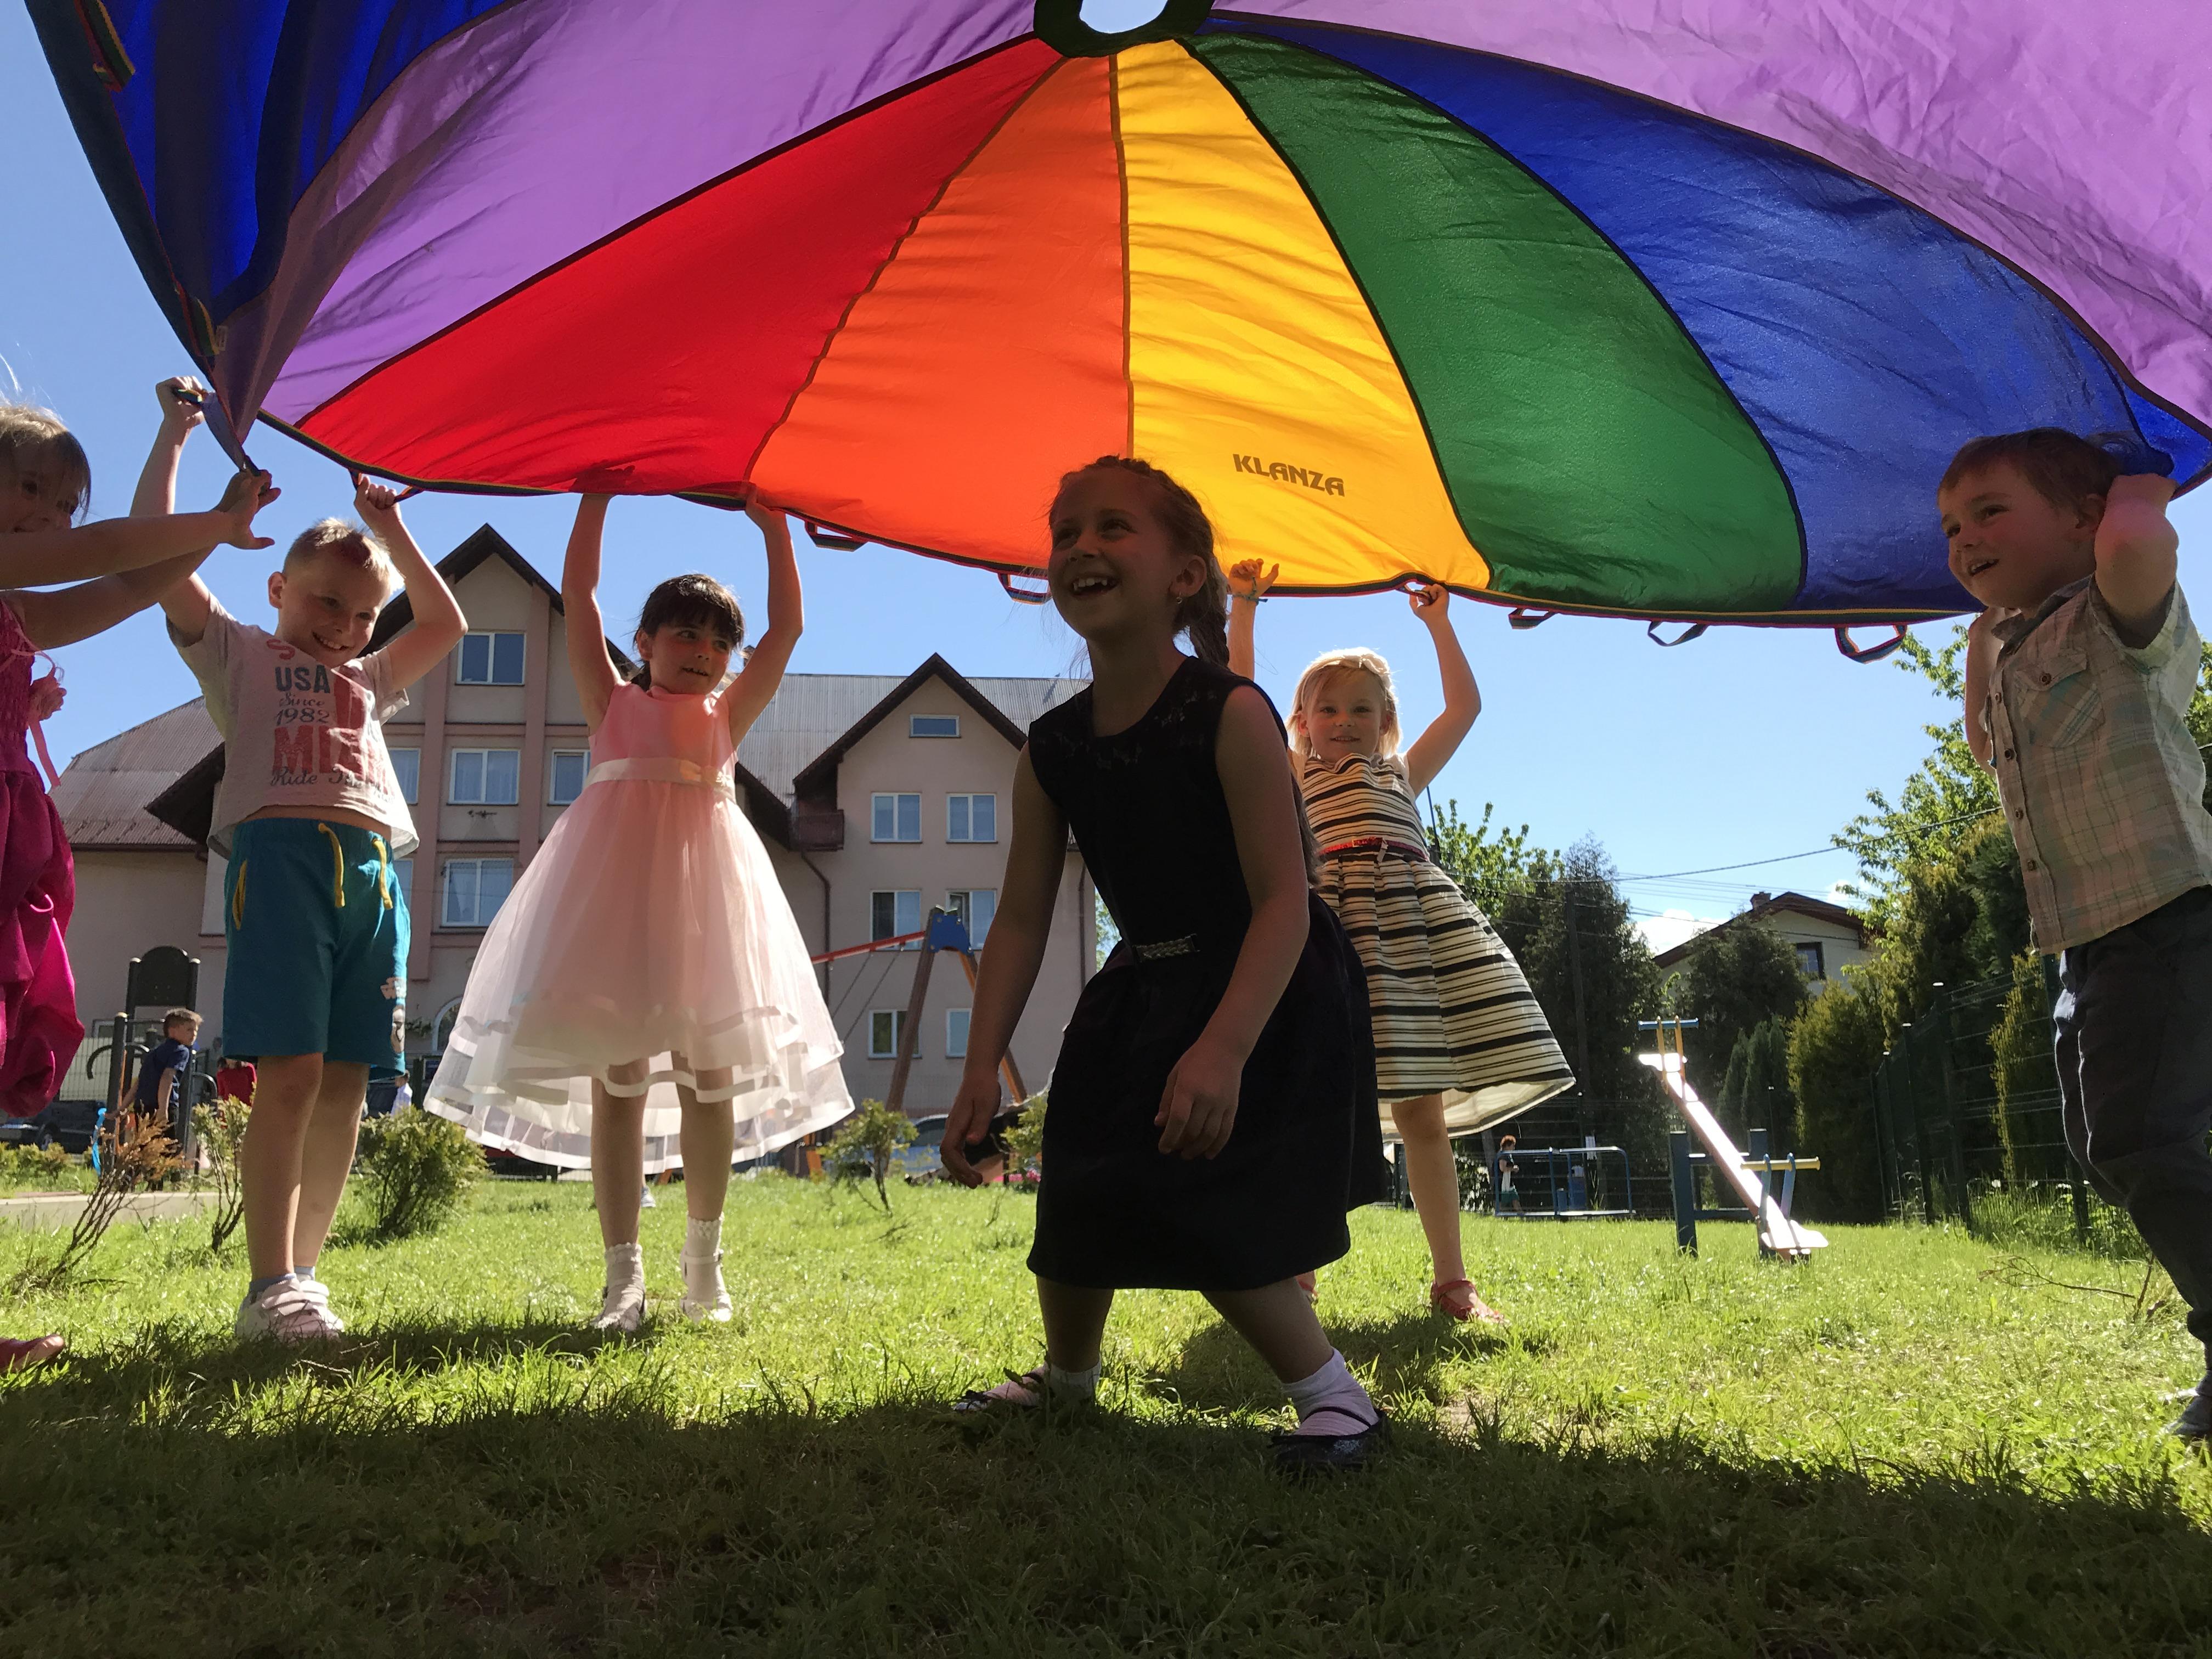 Opieka podczas wesela w Bielsko-Biała i Milówka. Basen z kulkami i zabawy ruchowe. Całodobowa opieka dla dzieci podczas imprezy.